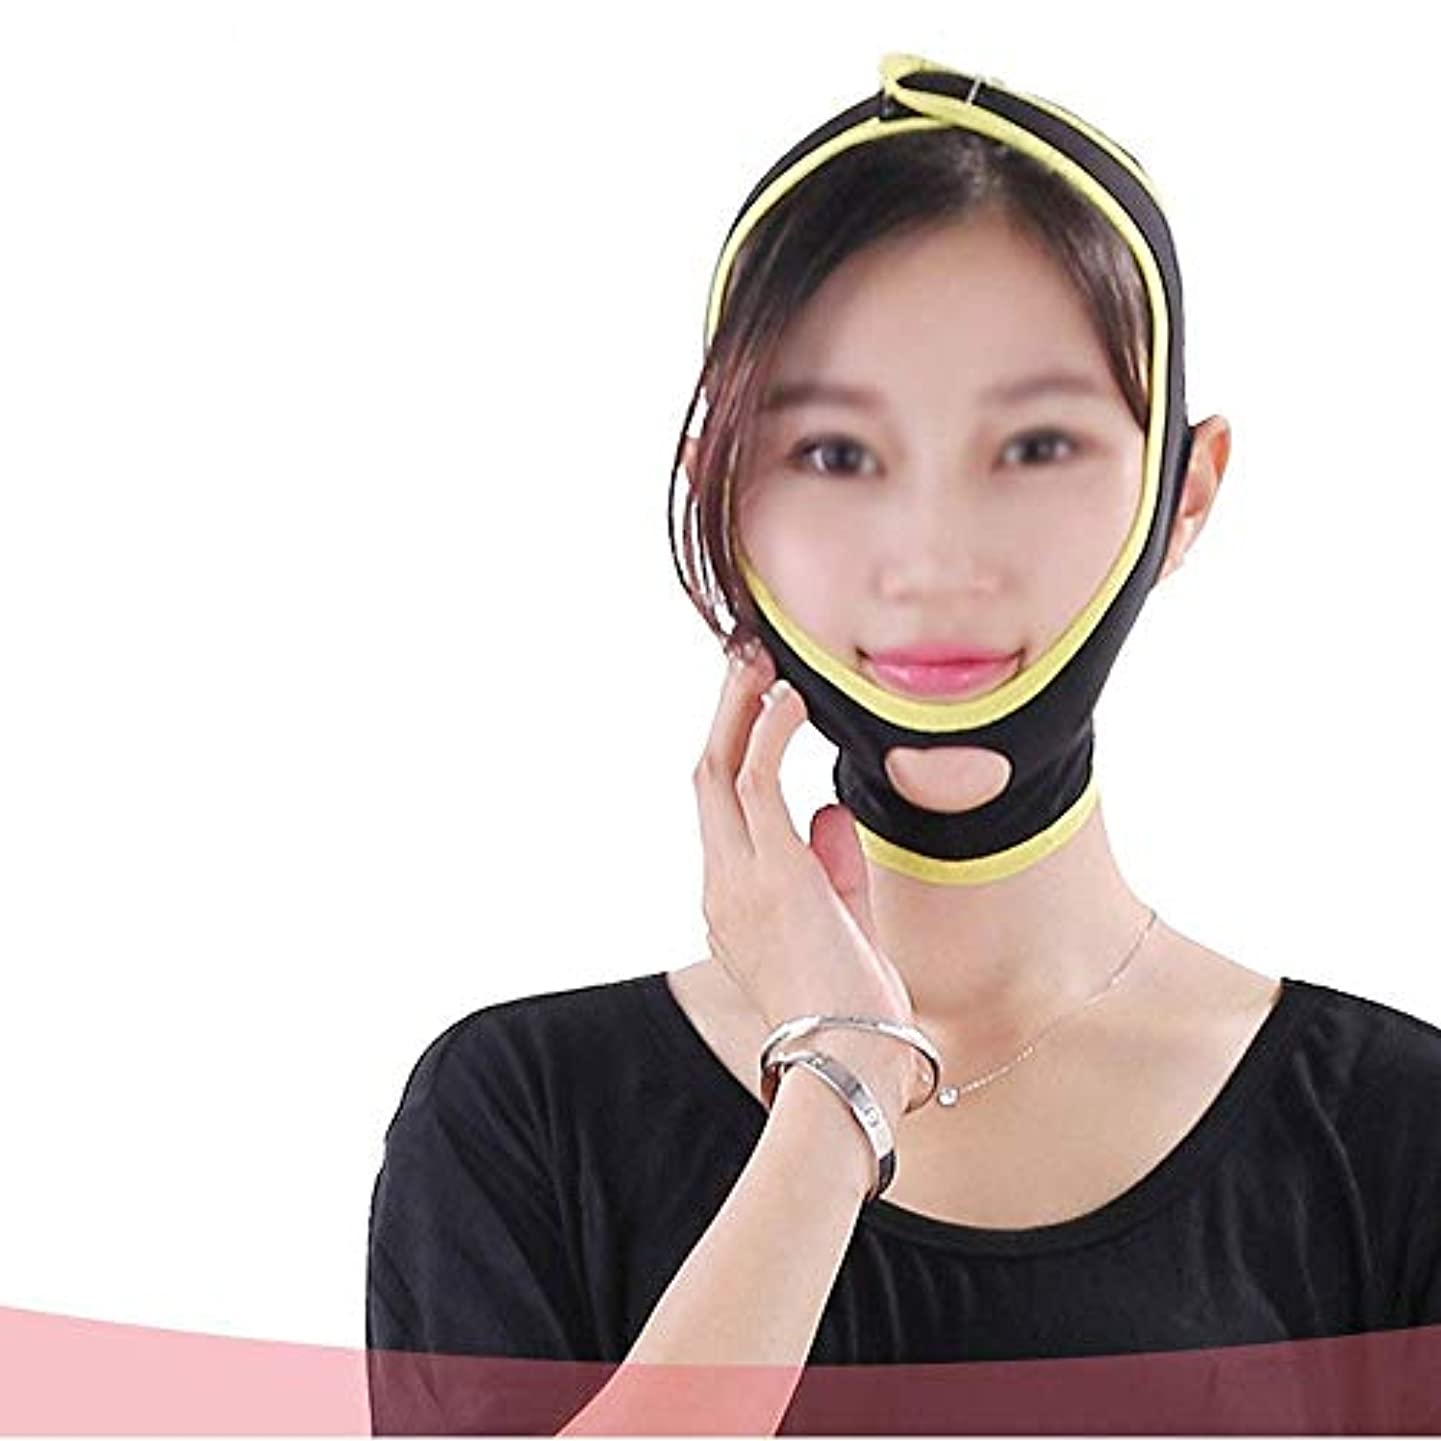 感覚アレルギー性燃料薄い顔の包帯 睡眠小さなVフェイスマスクリフトスキンアーティファクトを減らす二重あご顔の減量包帯(サイズ:L)